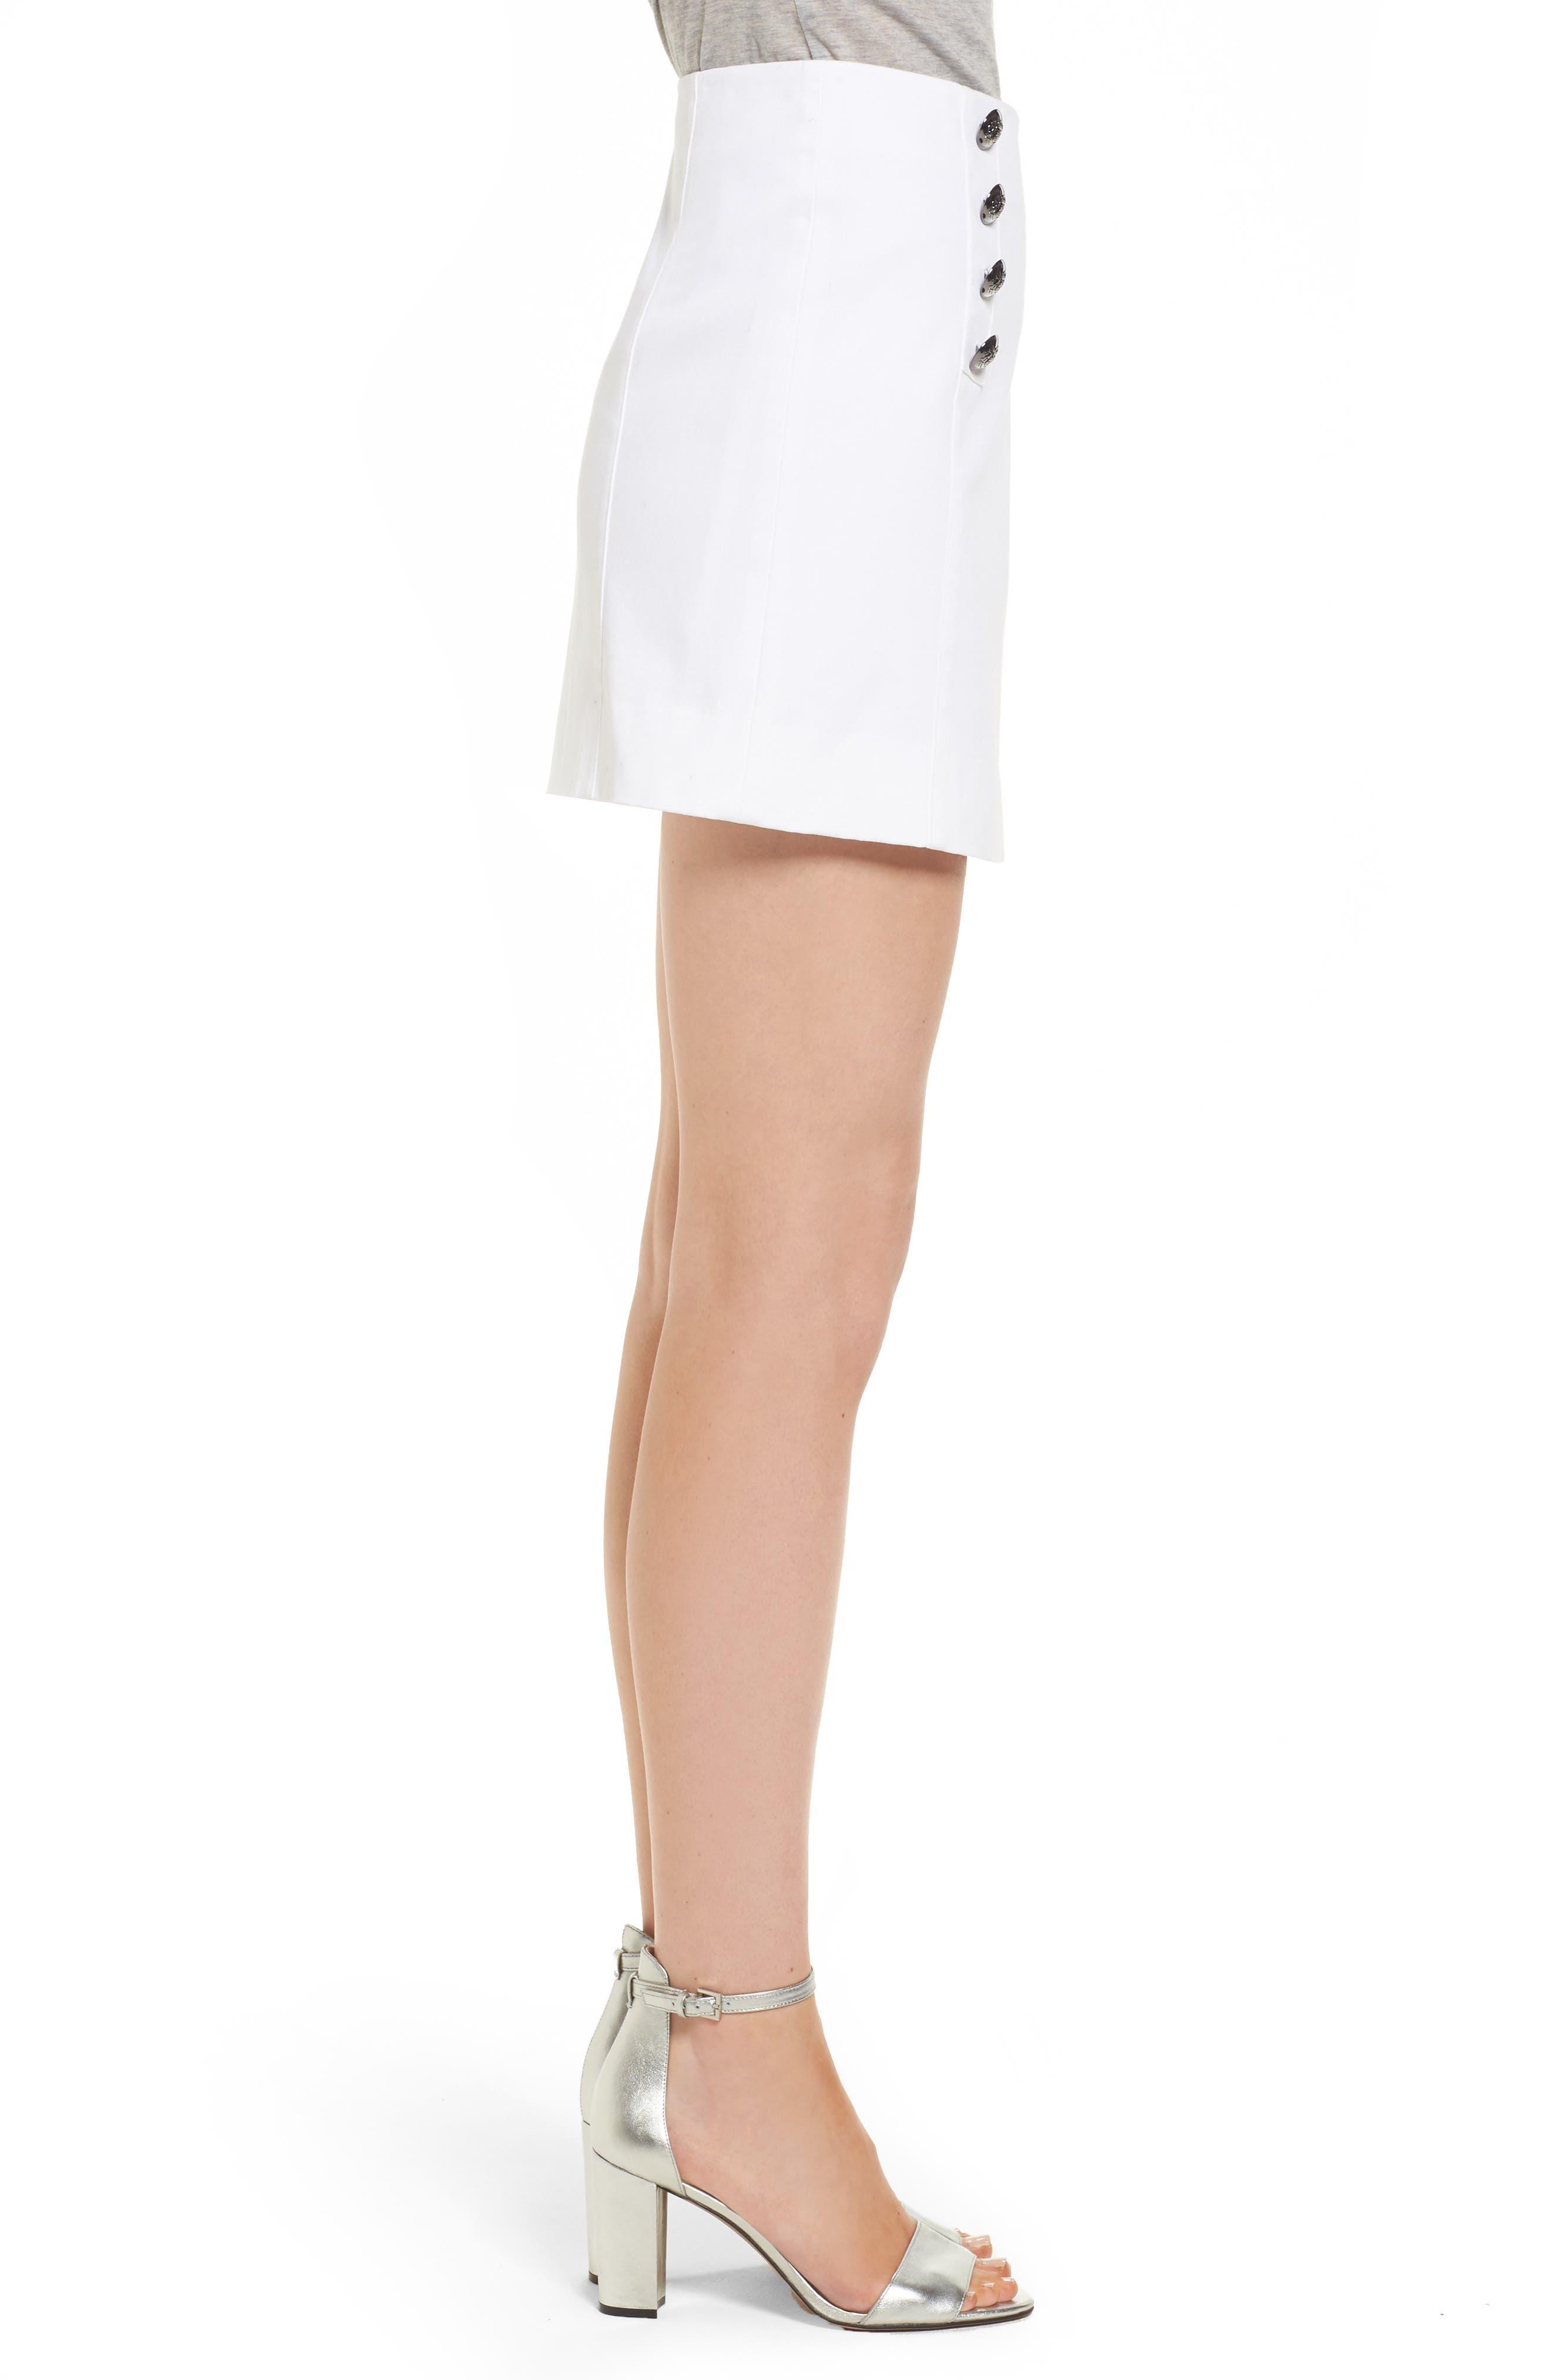 Sloane Miniskirt,                             Alternate thumbnail 3, color,                             907